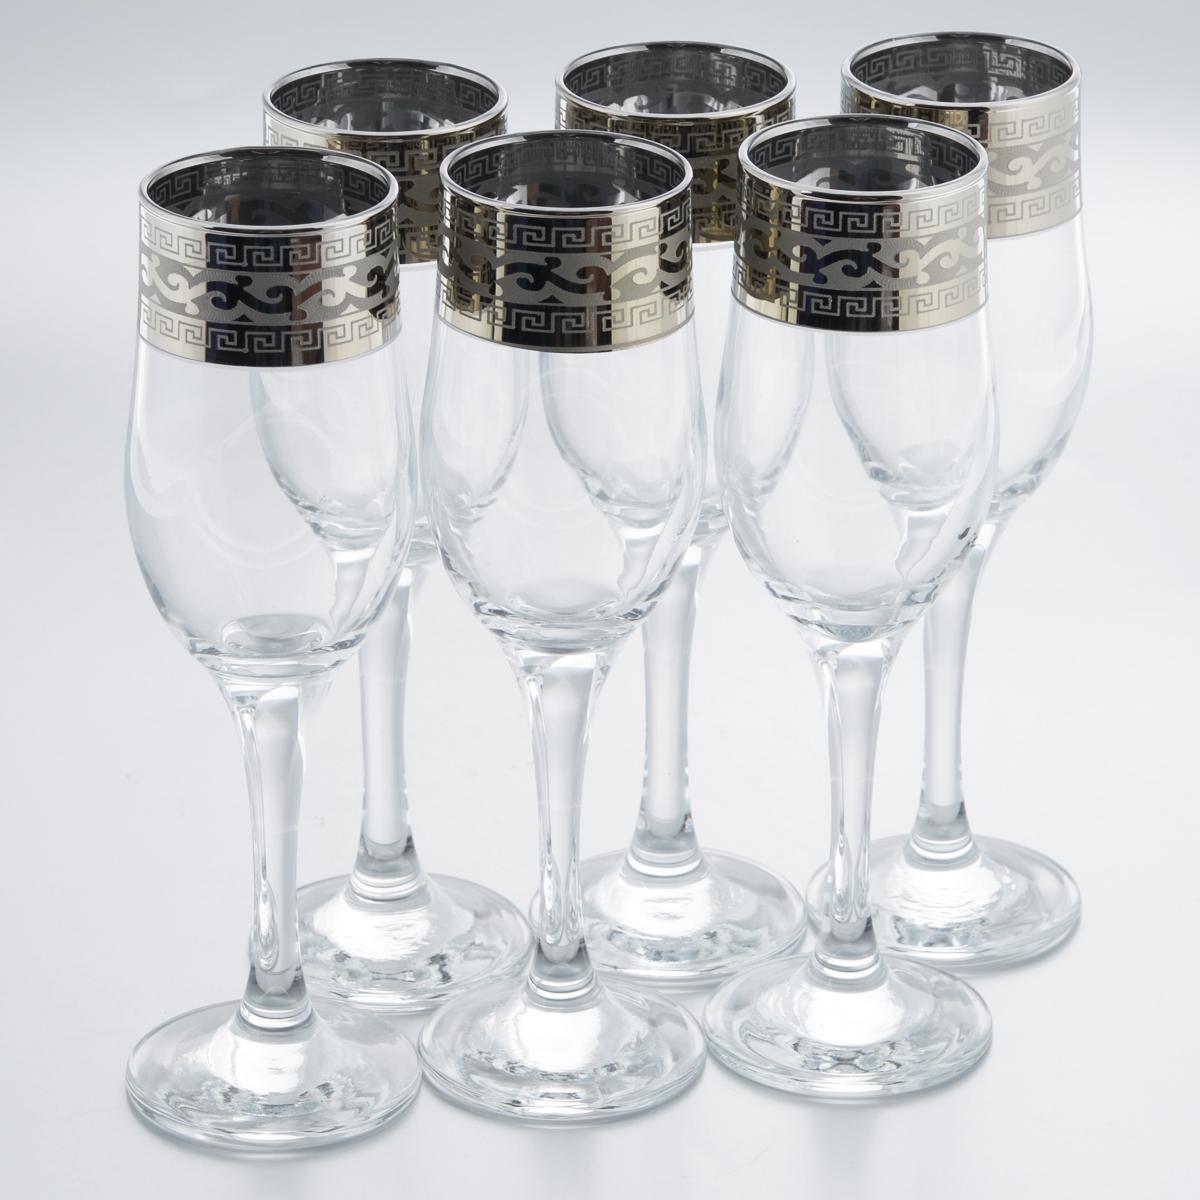 Набор бокалов Гусь-Хрустальный Версаче, 200 мл, 6 штVT-1520(SR)Набор Гусь-Хрустальный Версаче состоит из 6 бокалов на длинных тонких ножках, изготовленных из высококачественного натрий-кальций-силикатного стекла. Изделия оформлены красивым зеркальным покрытием и белым матовым орнаментом. Бокалы предназначены для шампанского или вина. Такой набор прекрасно дополнит праздничный стол и станет желанным подарком в любом доме. Разрешается мыть в посудомоечной машине. Диаметр бокала (по верхнему краю): 5 см. Высота бокала: 20 см.